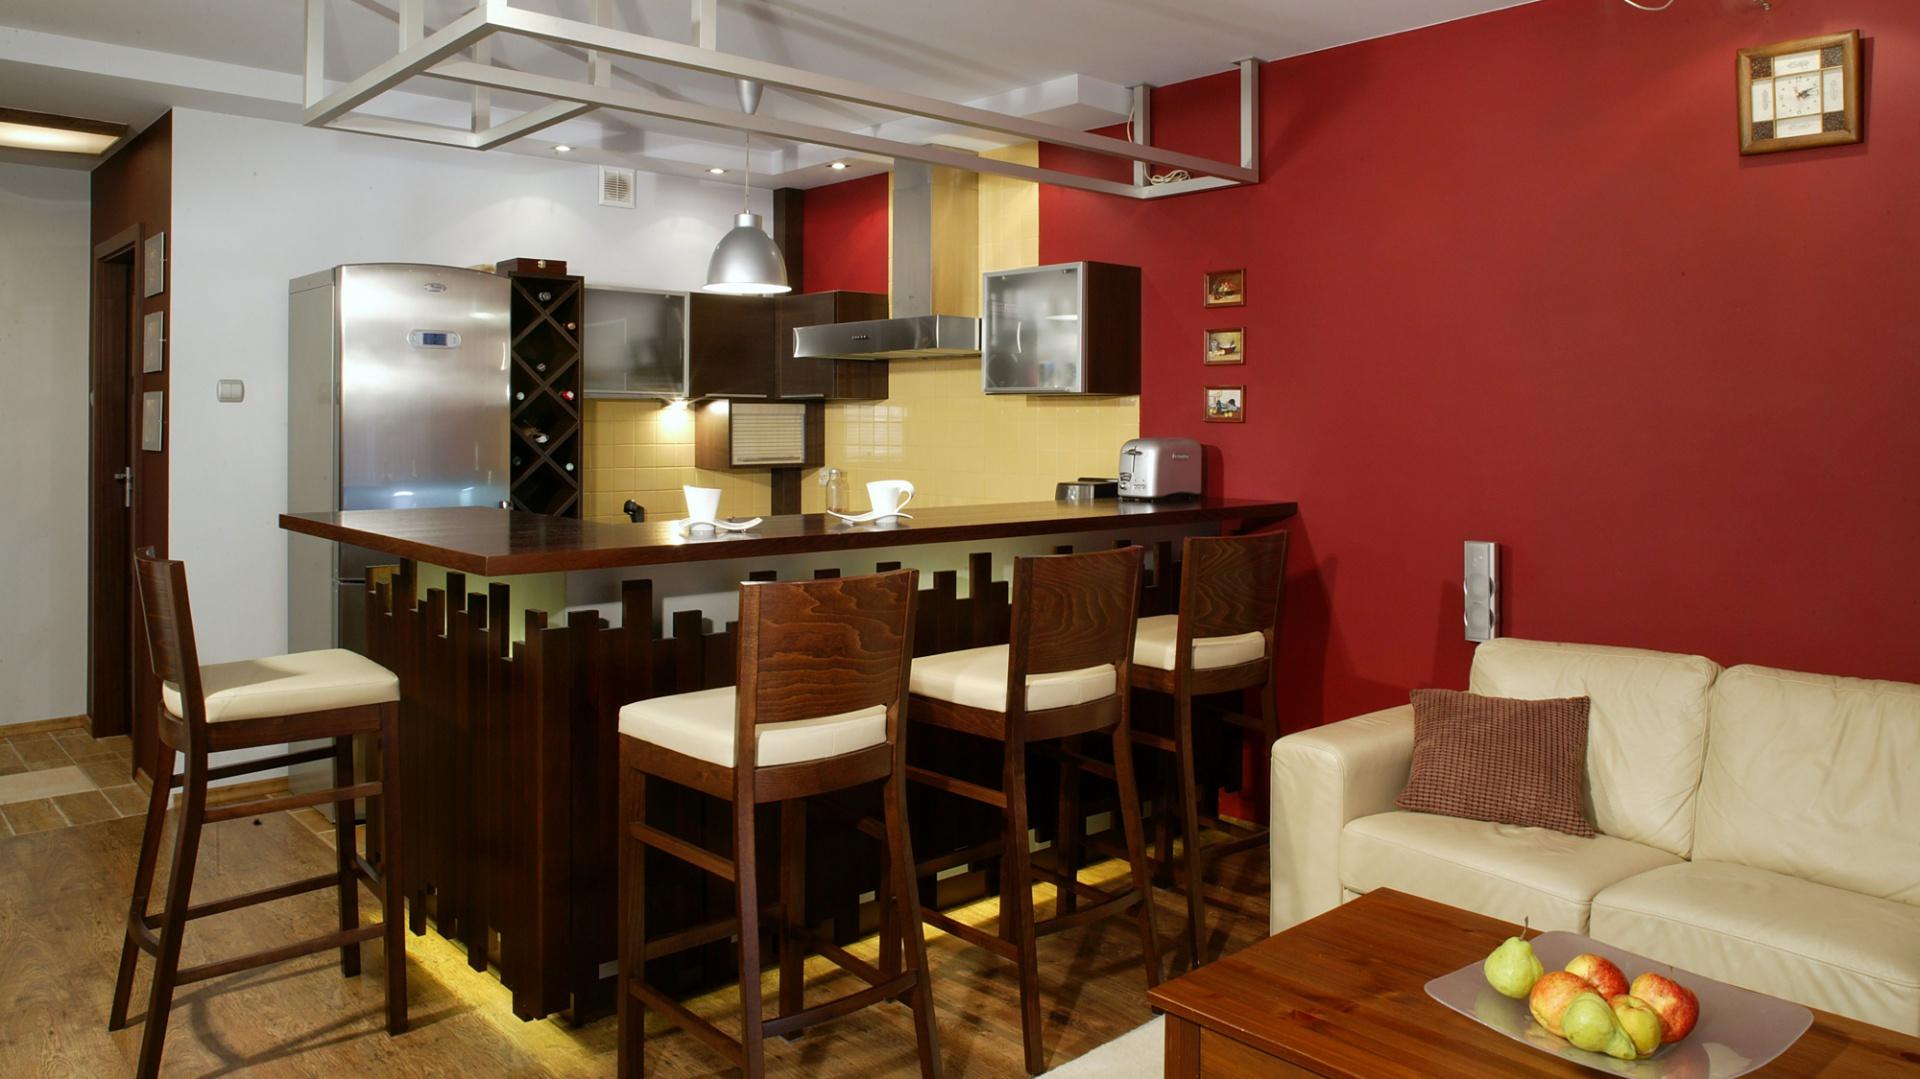 Pierwotnie kuchnia stanowiła małe, częściowo zamknięte pomieszczenie. Decyzja o wyburzeniu ściany była oczywista zarówno dla projektanta, jak i właścicieli mieszkania. Fot. Monika Filipiuk.